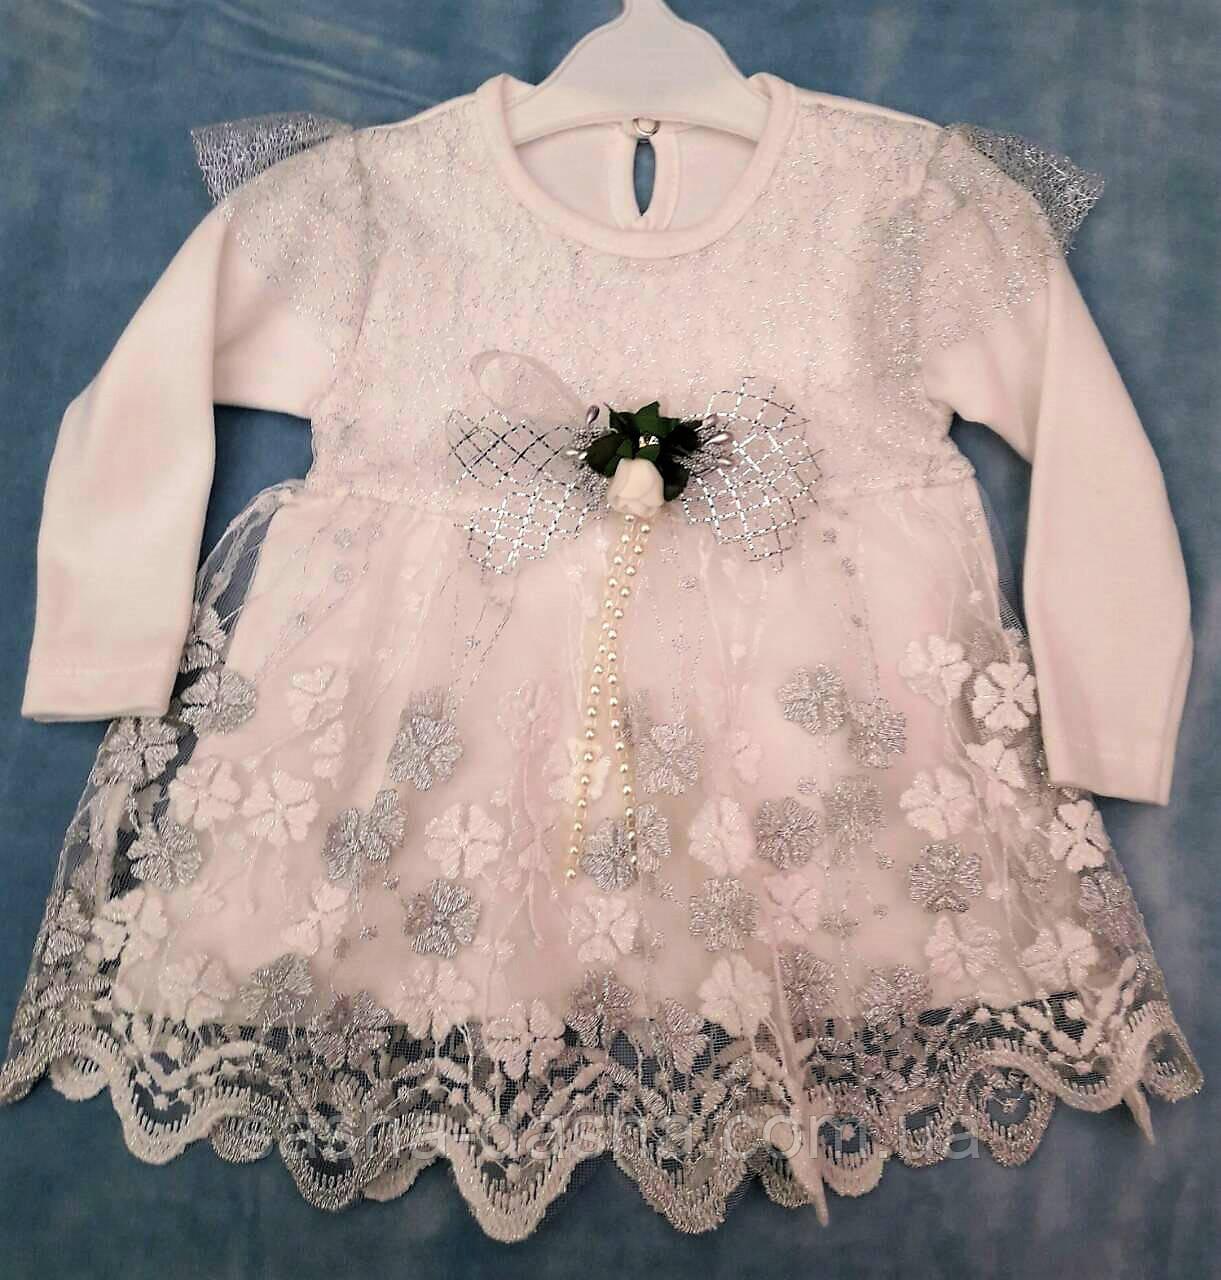 Нарядные детские платья для девочек. - Саша и Даша. Интернет-магазин  детских товаров 9ab4f45ff9d